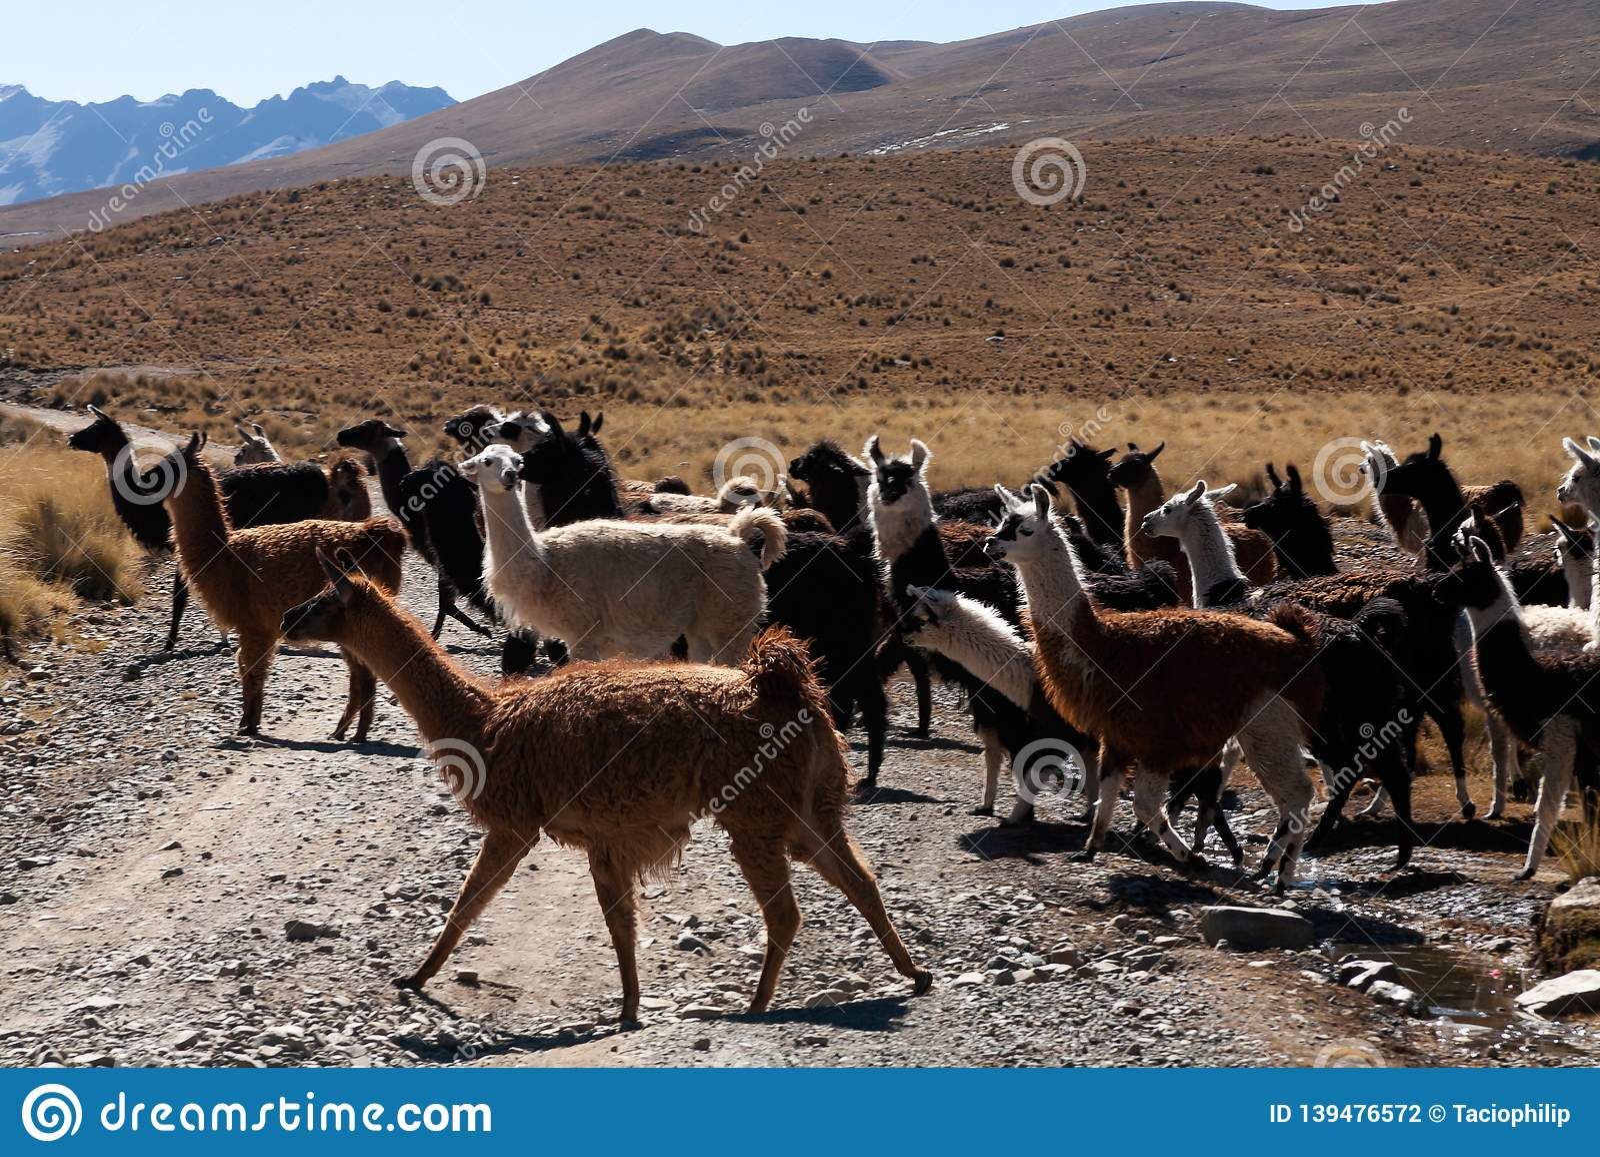 Llama in the wild in Bolivia highlands - vicuna alpaca lama